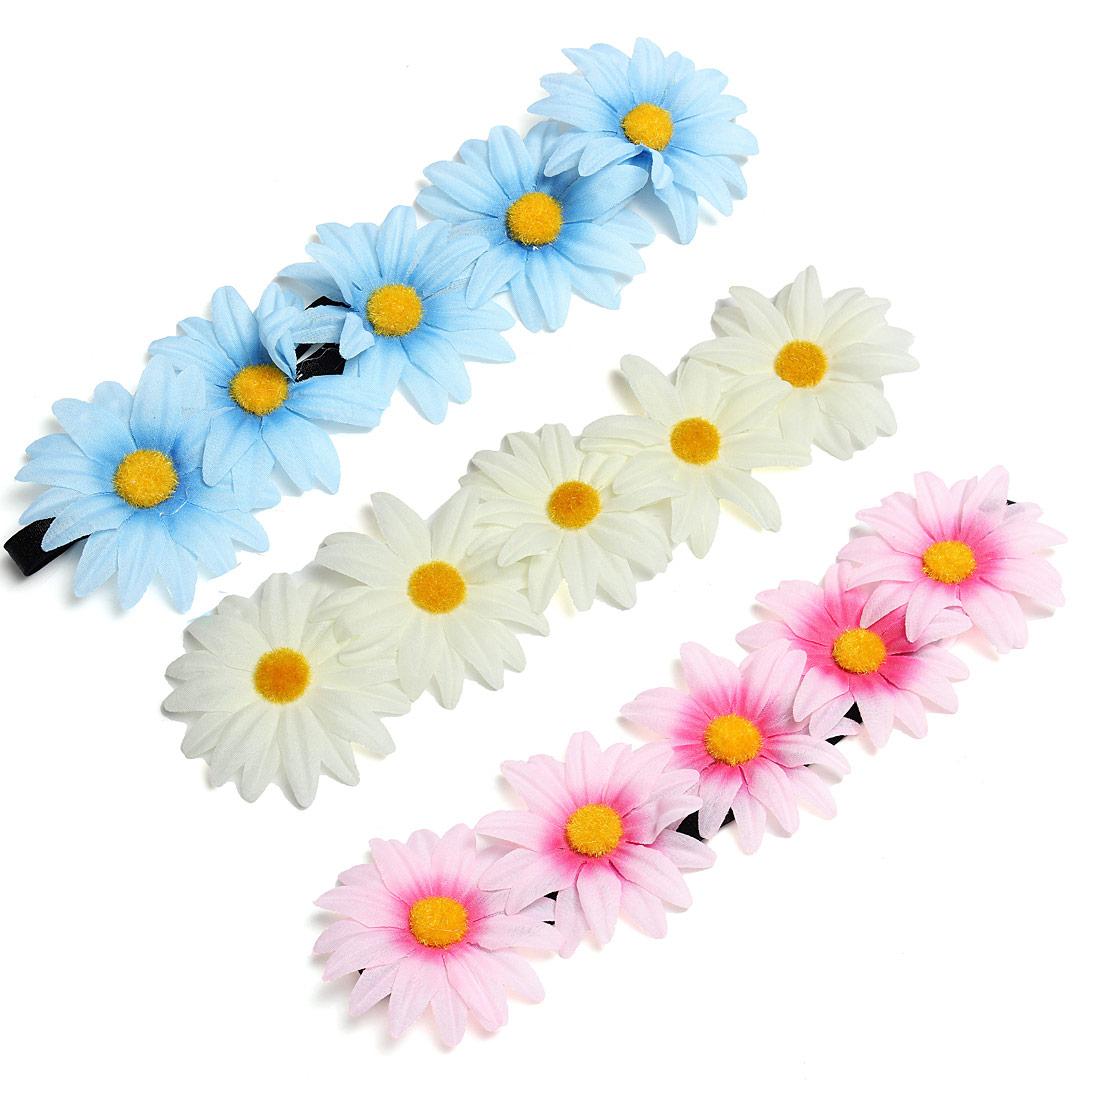 Boho Style Daisy Flower Floral Hair Garland Headbrand Hair Band